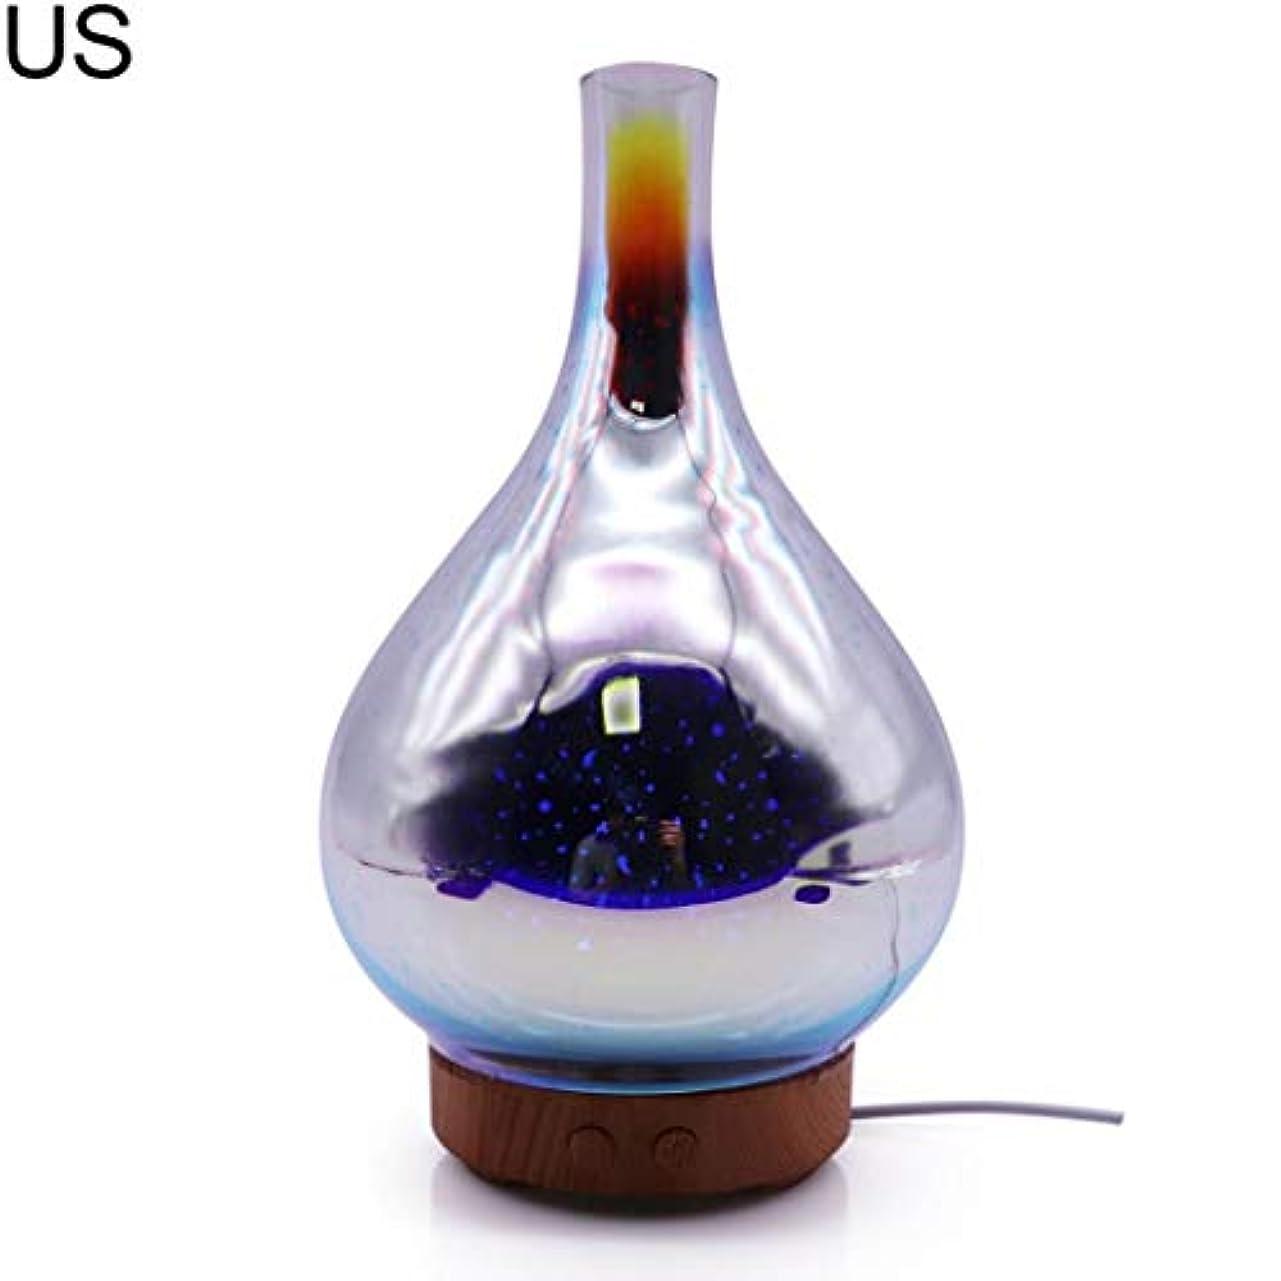 習熟度心のこもった共産主義者at27clekca Aroma Diffuser Air Quality Improvement 3D Glass LED Night Light Ultrasonic Essential Oil Aroma Diffuser Air Humidifier - US Plug 141[並行輸入]